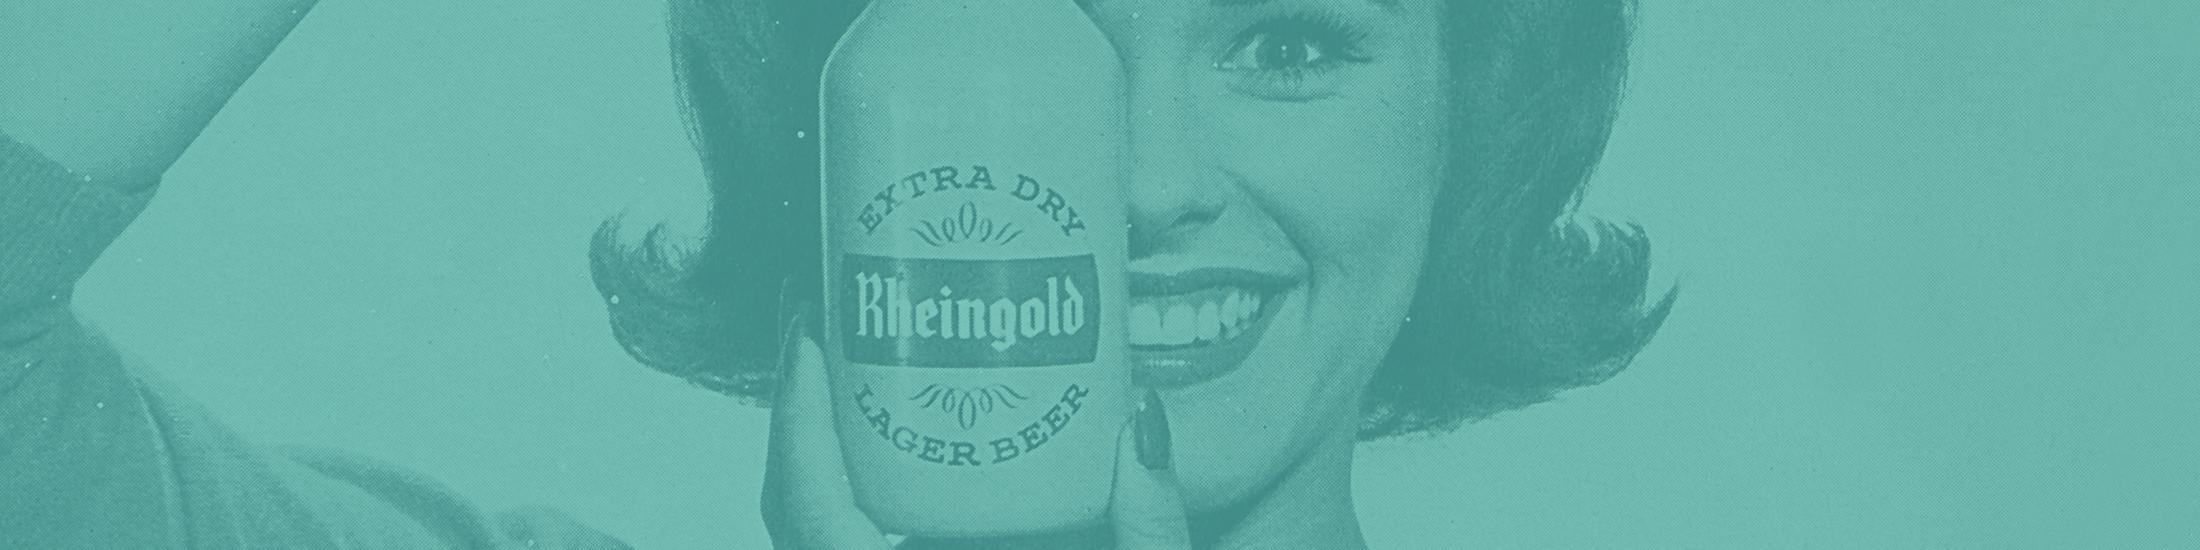 Vintage Rheingold beer advertisement